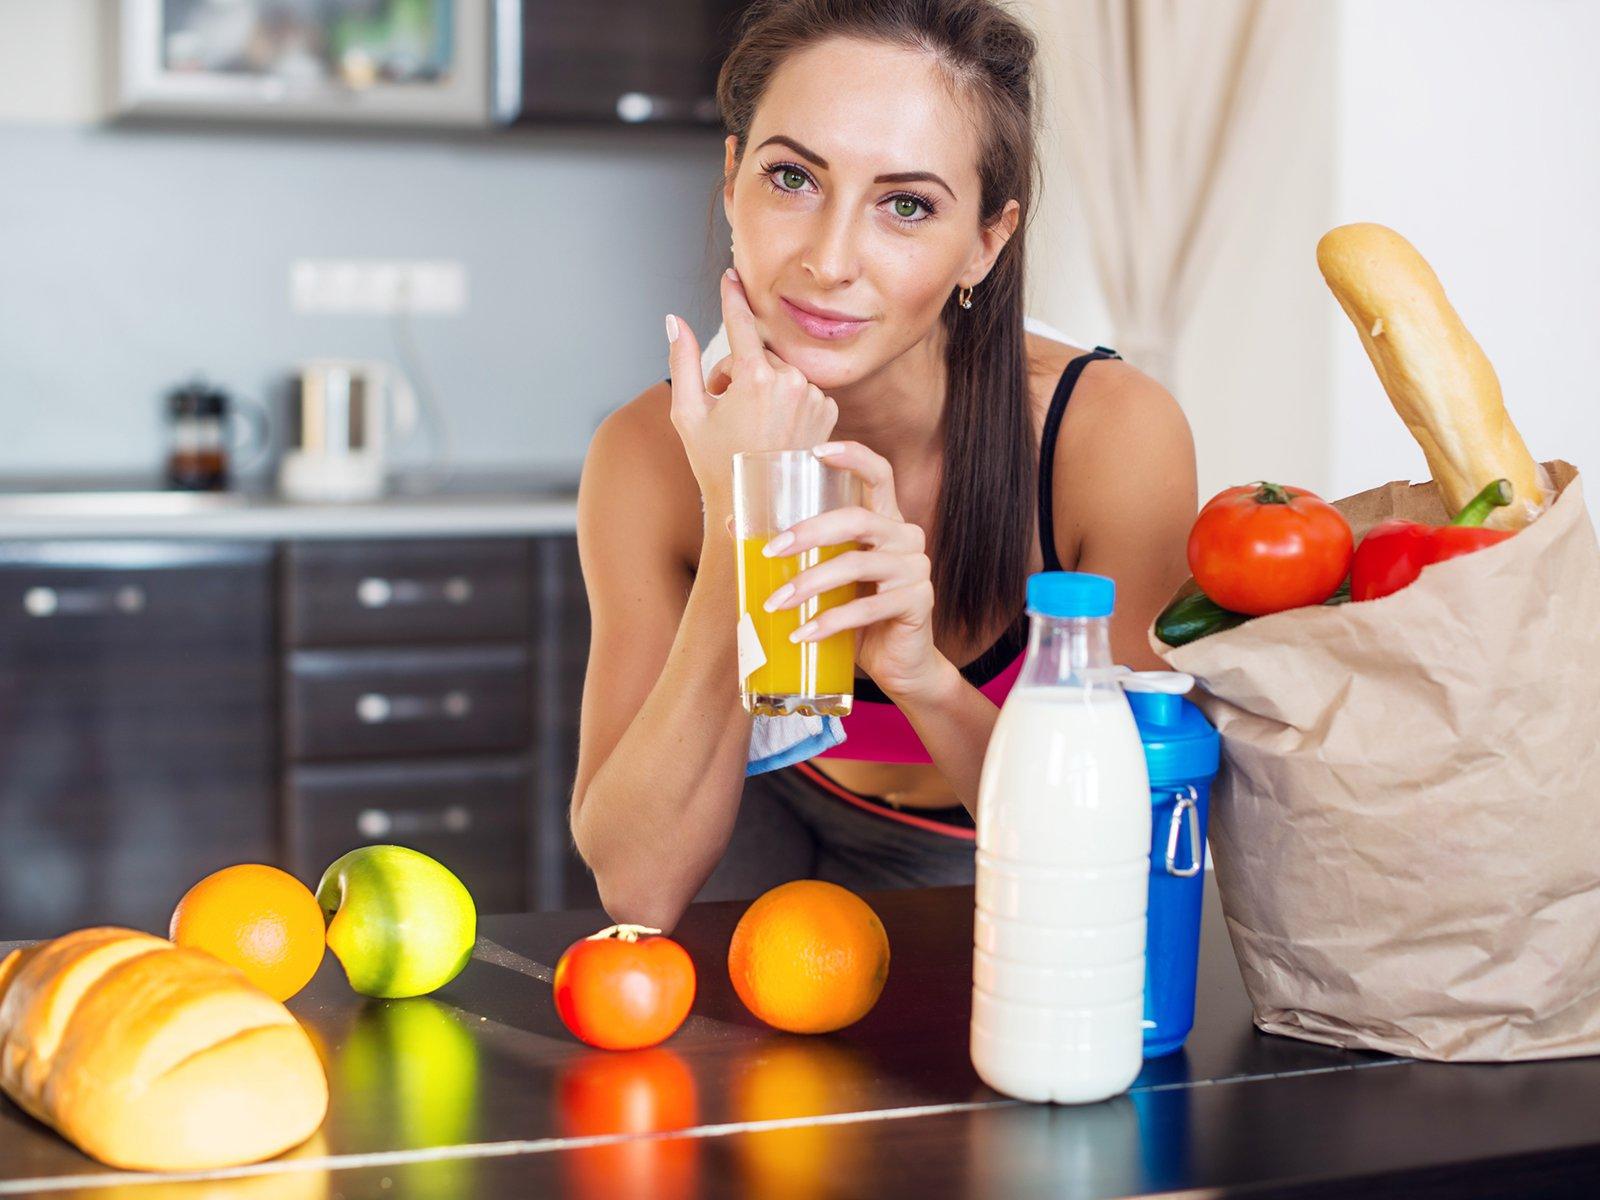 Kürbis-Diät, um Gewicht zu verlieren